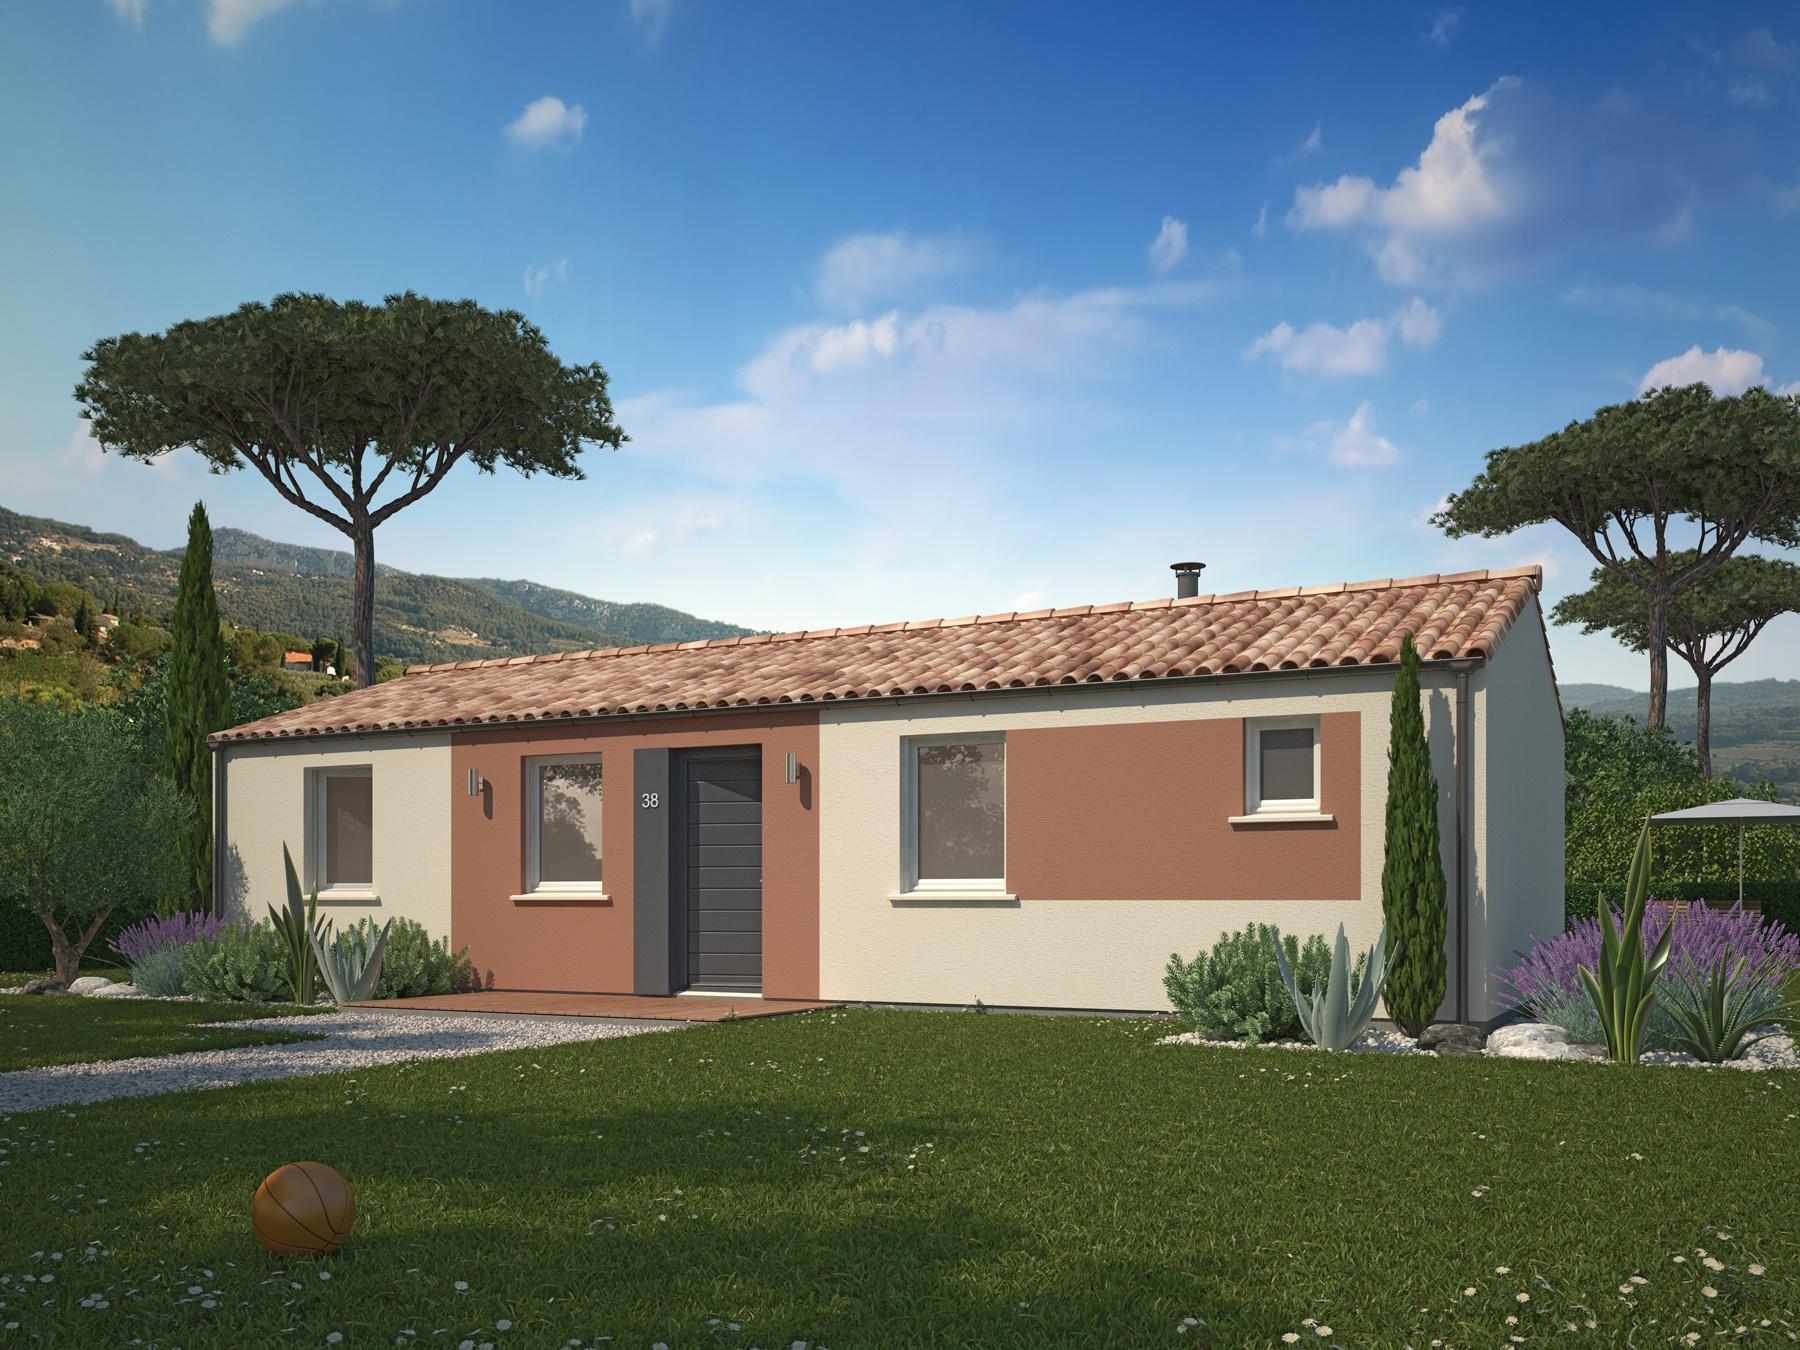 Maisons + Terrains du constructeur MAISONS PHENIX • 97 m² • DONZERE